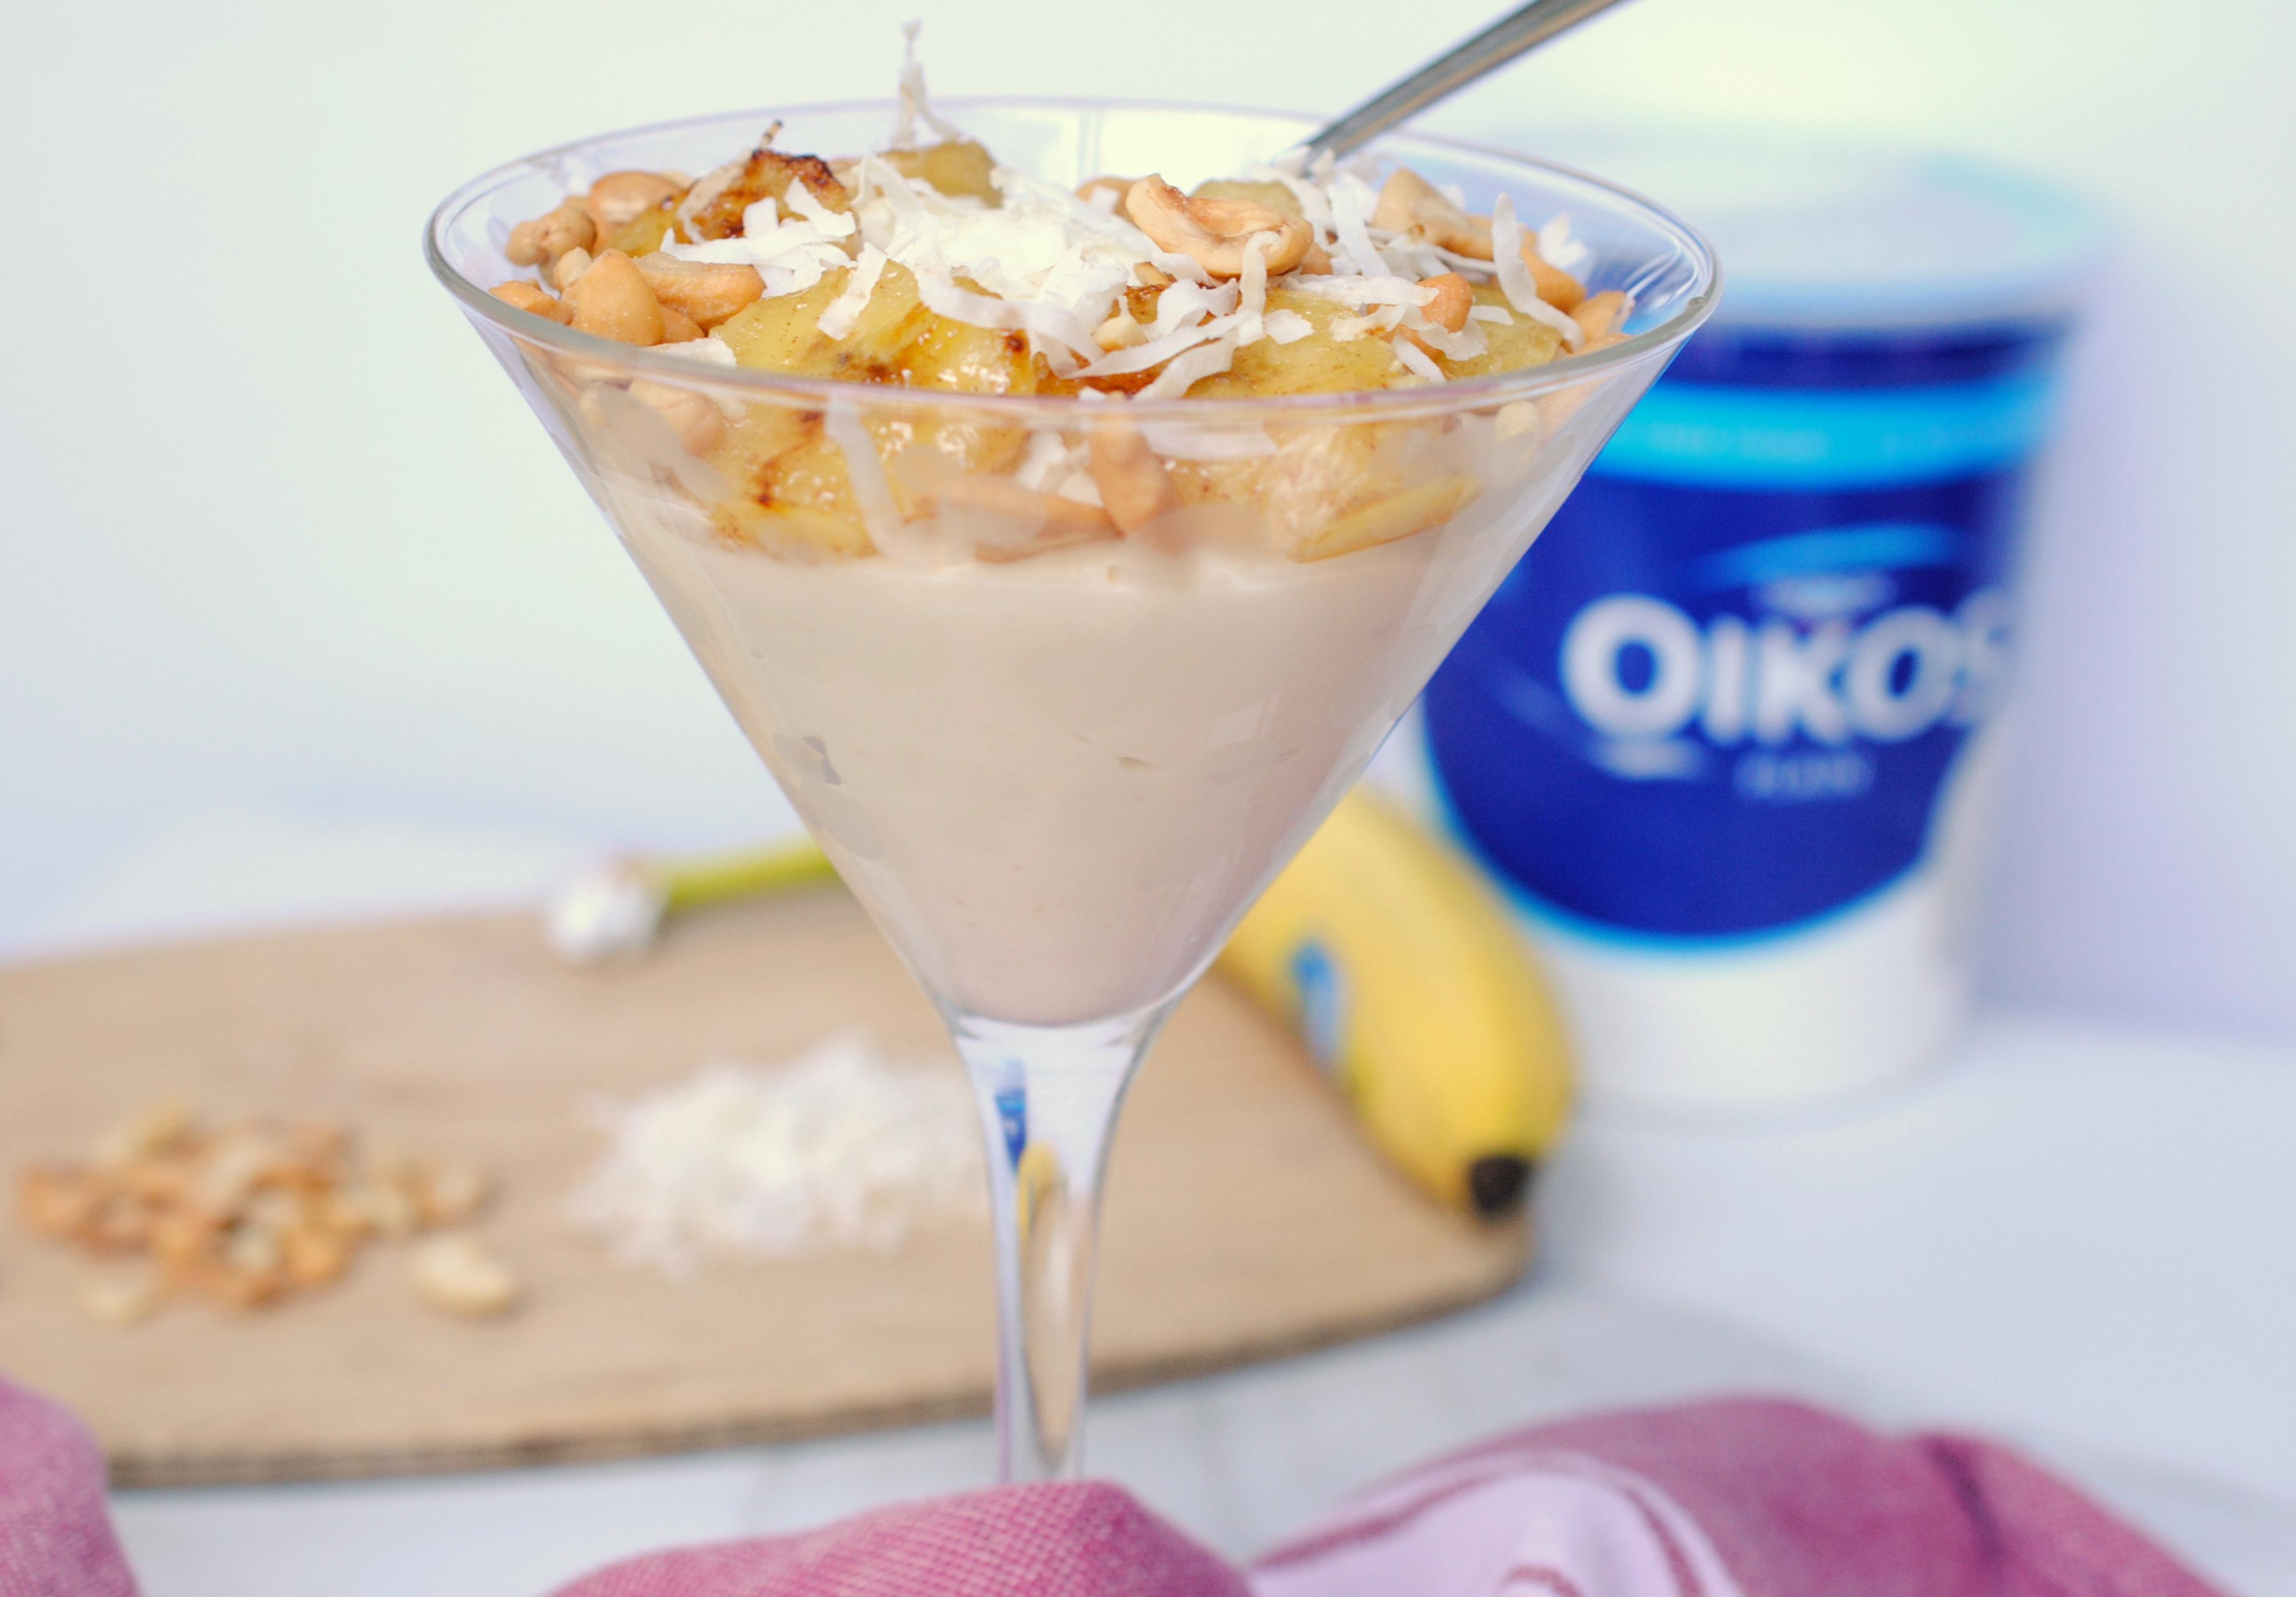 Banana coconut yogurt bowl